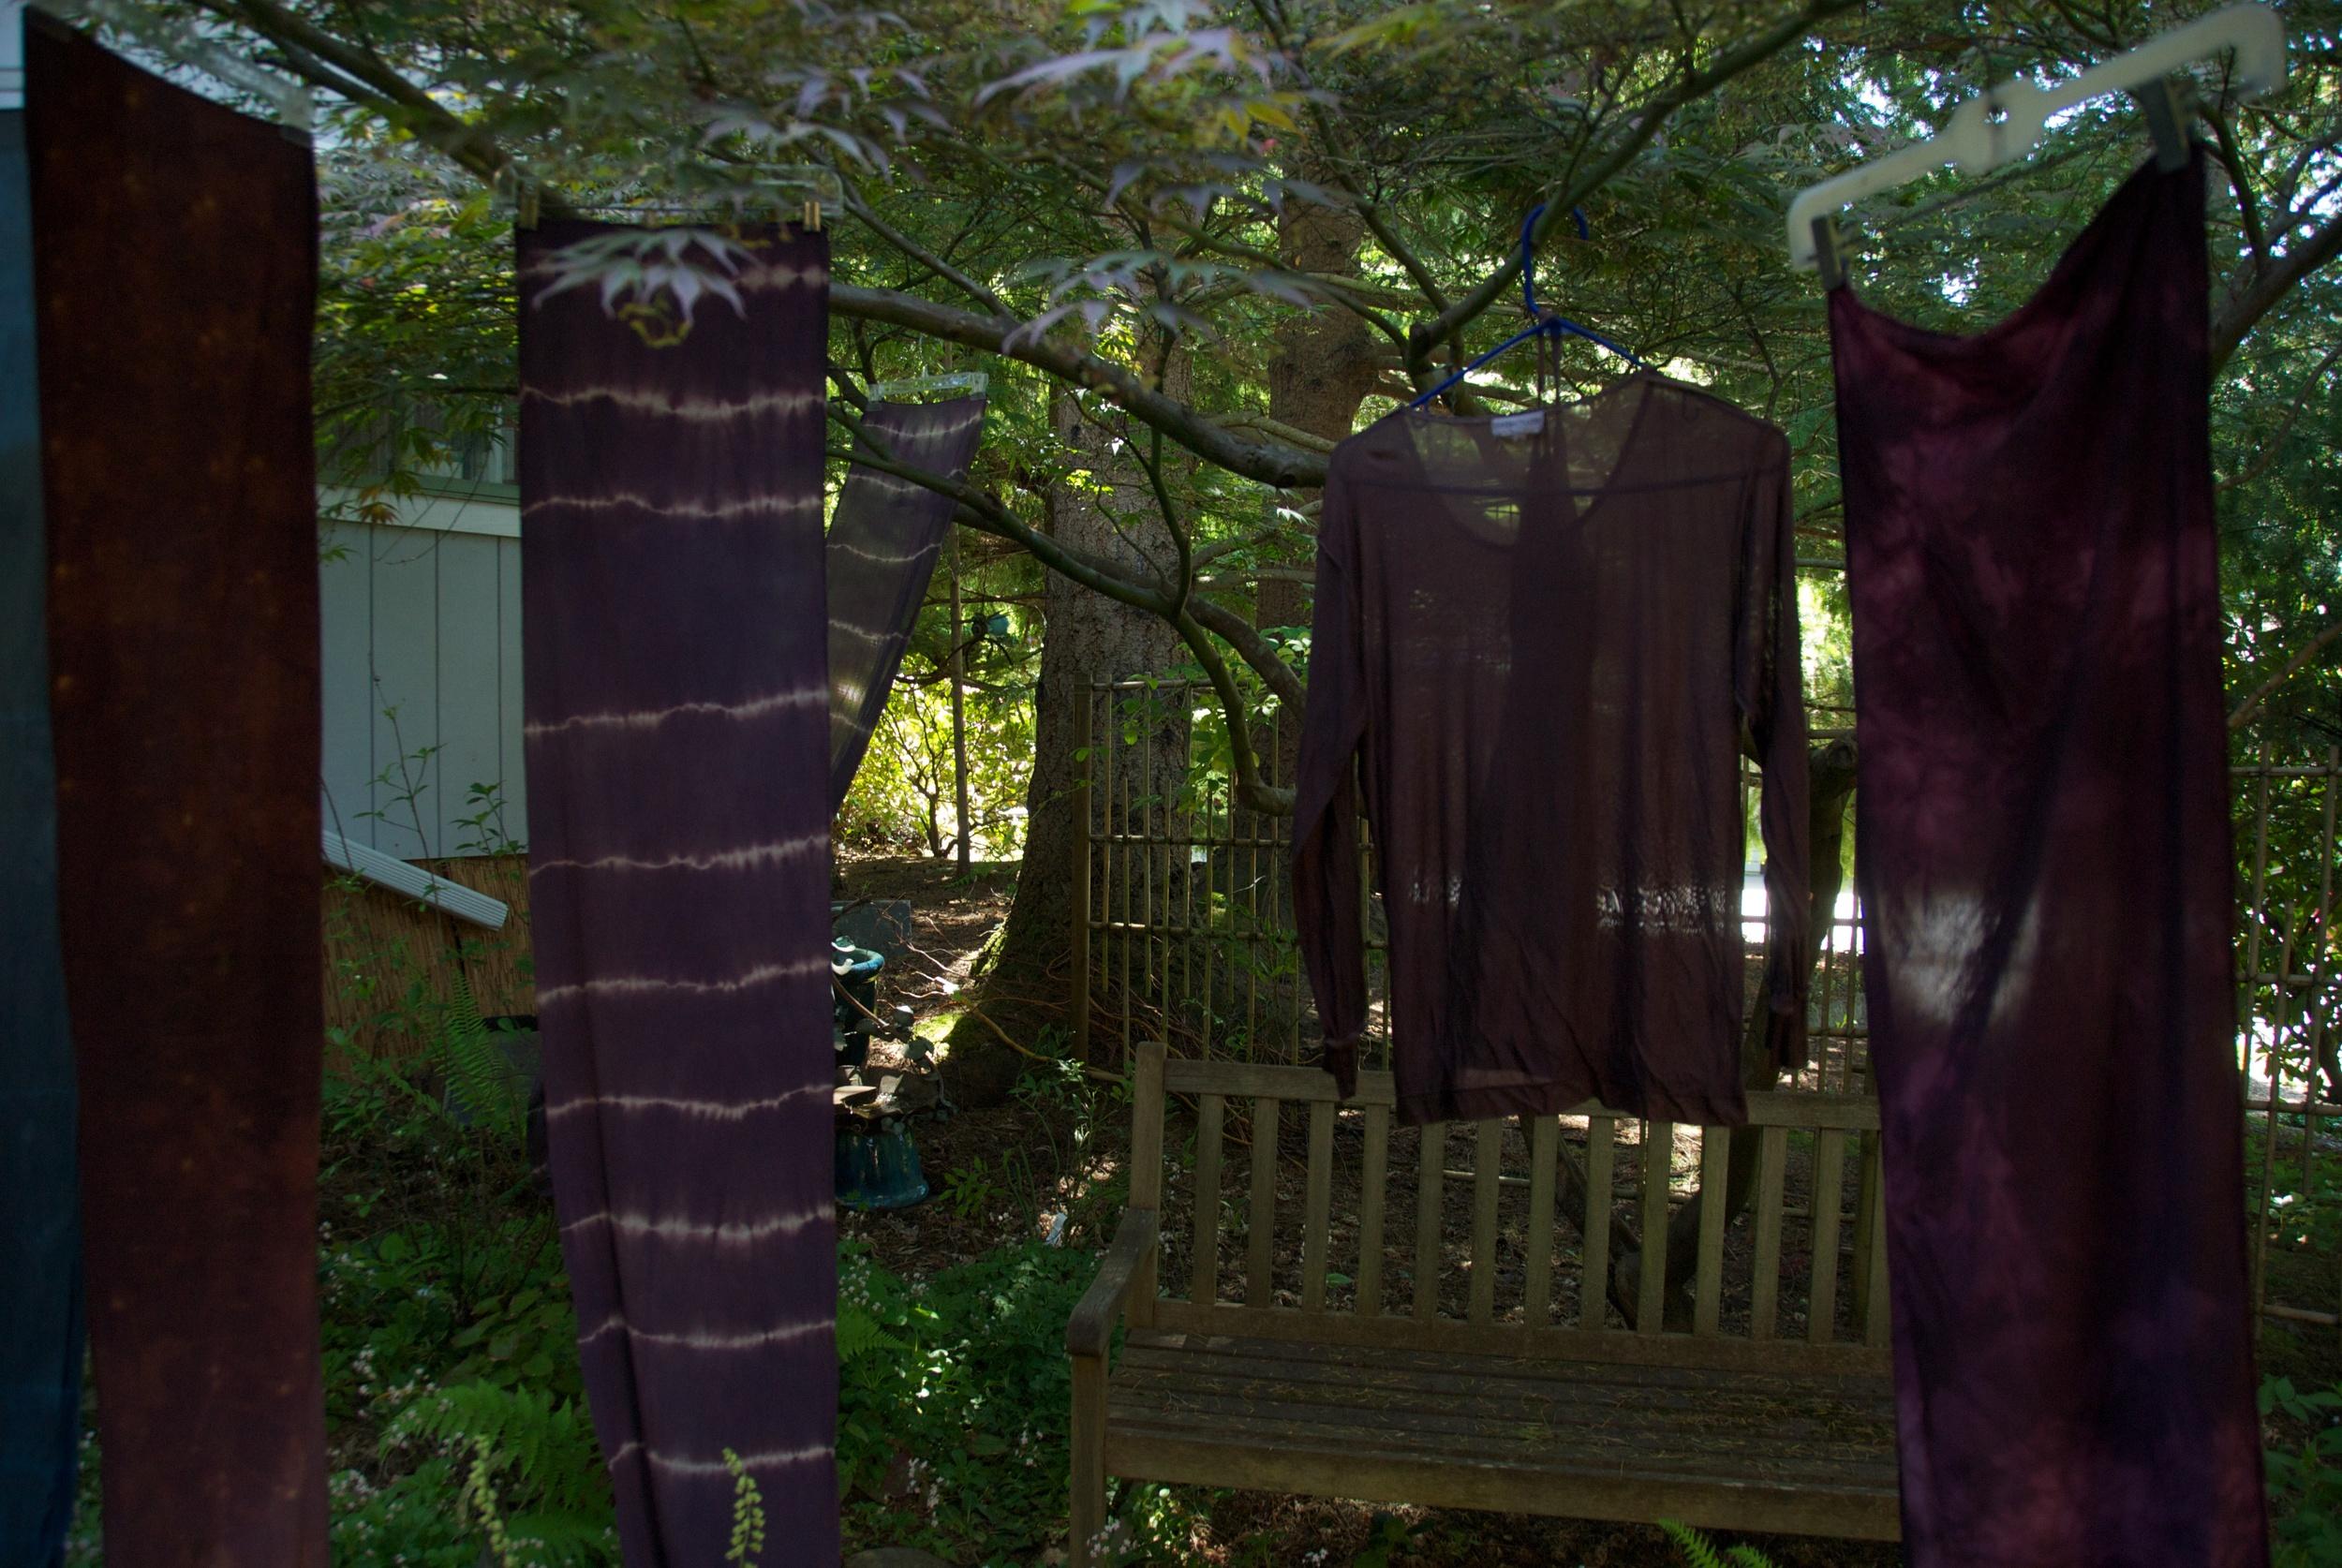 Shibori dyed garments hanging to dry